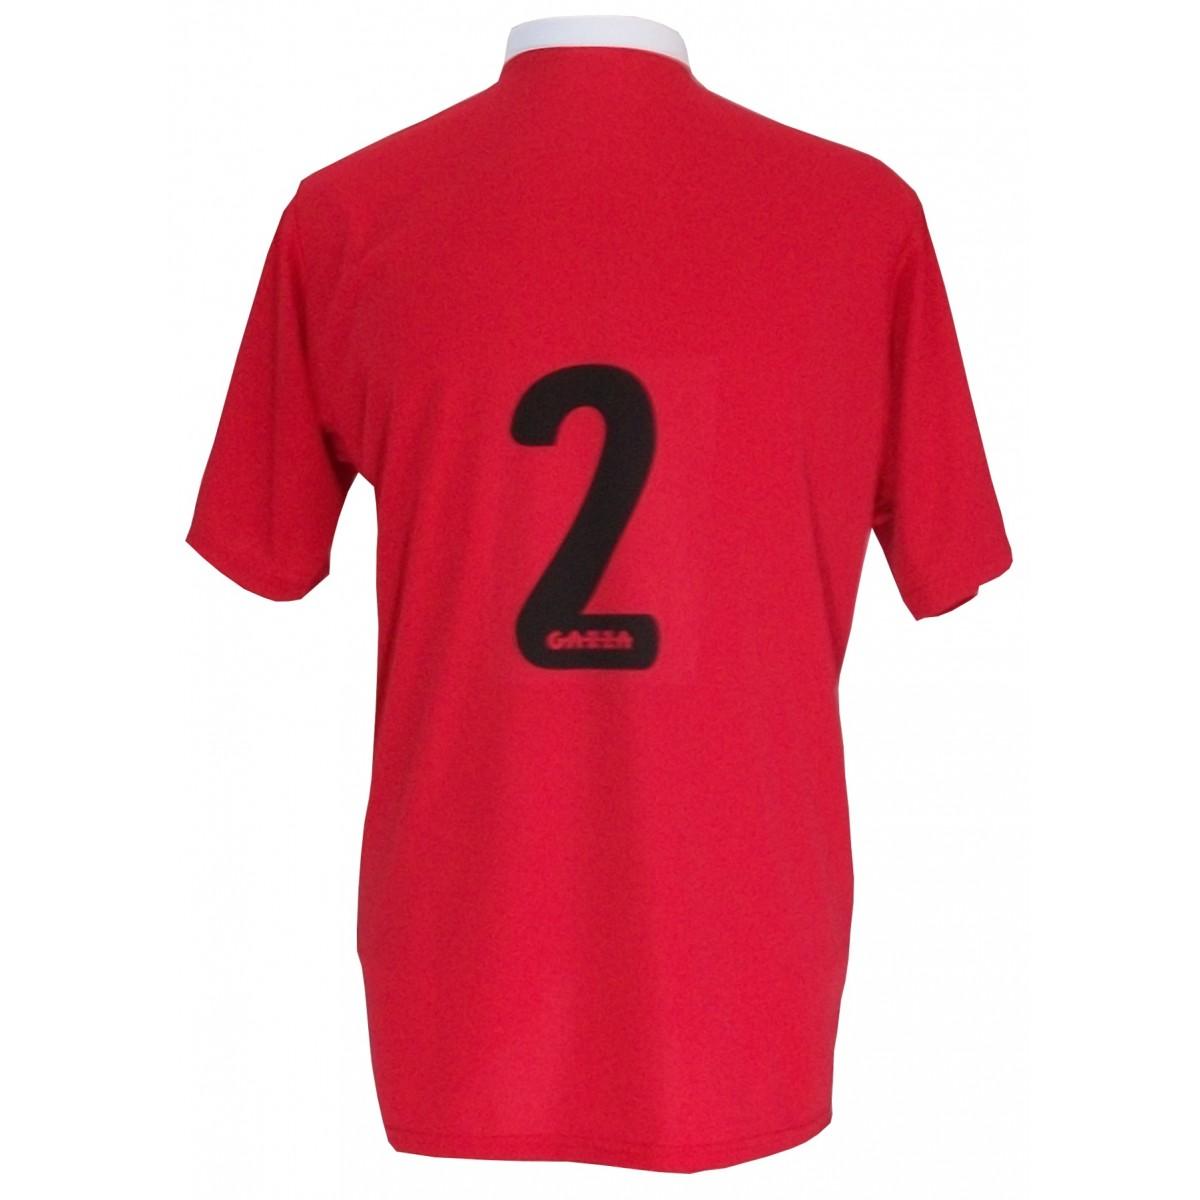 Uniforme Esportivo Completo modelo PSG 14+1 (14 camisas Vermelho/Preto/Branco + 14 calções Madrid Branco + 14 pares de meiões Preto + 1 conjunto de goleiro) + Brindes